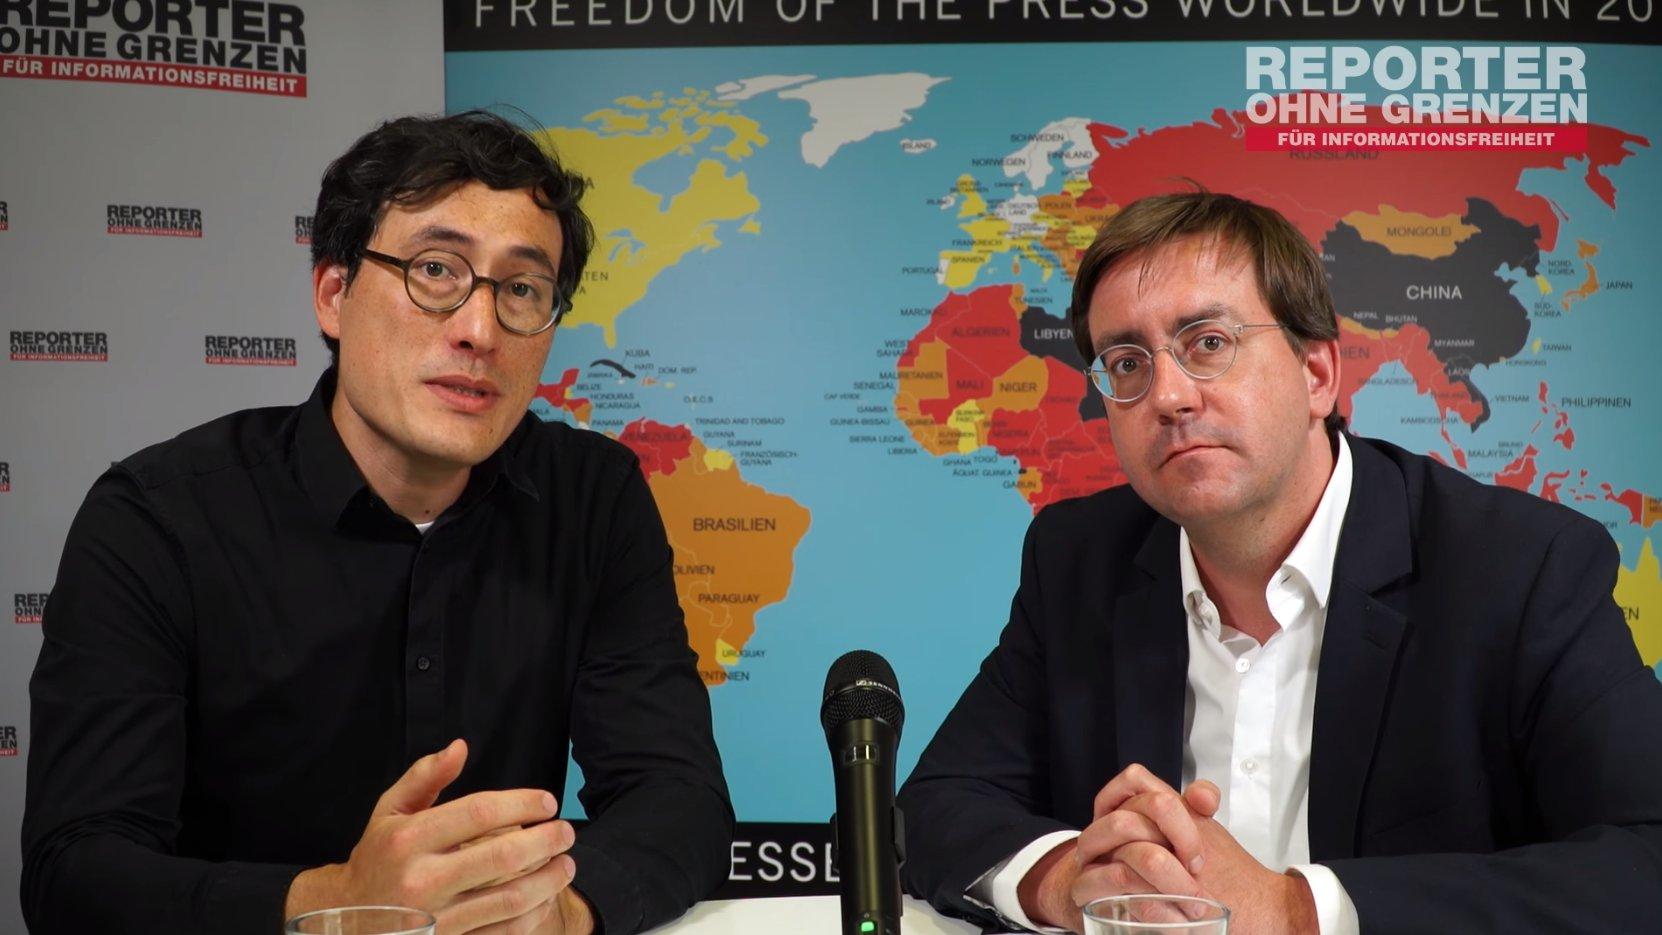 Pressefreiheit weltweit: Europa schwächelt in Rangliste 2018